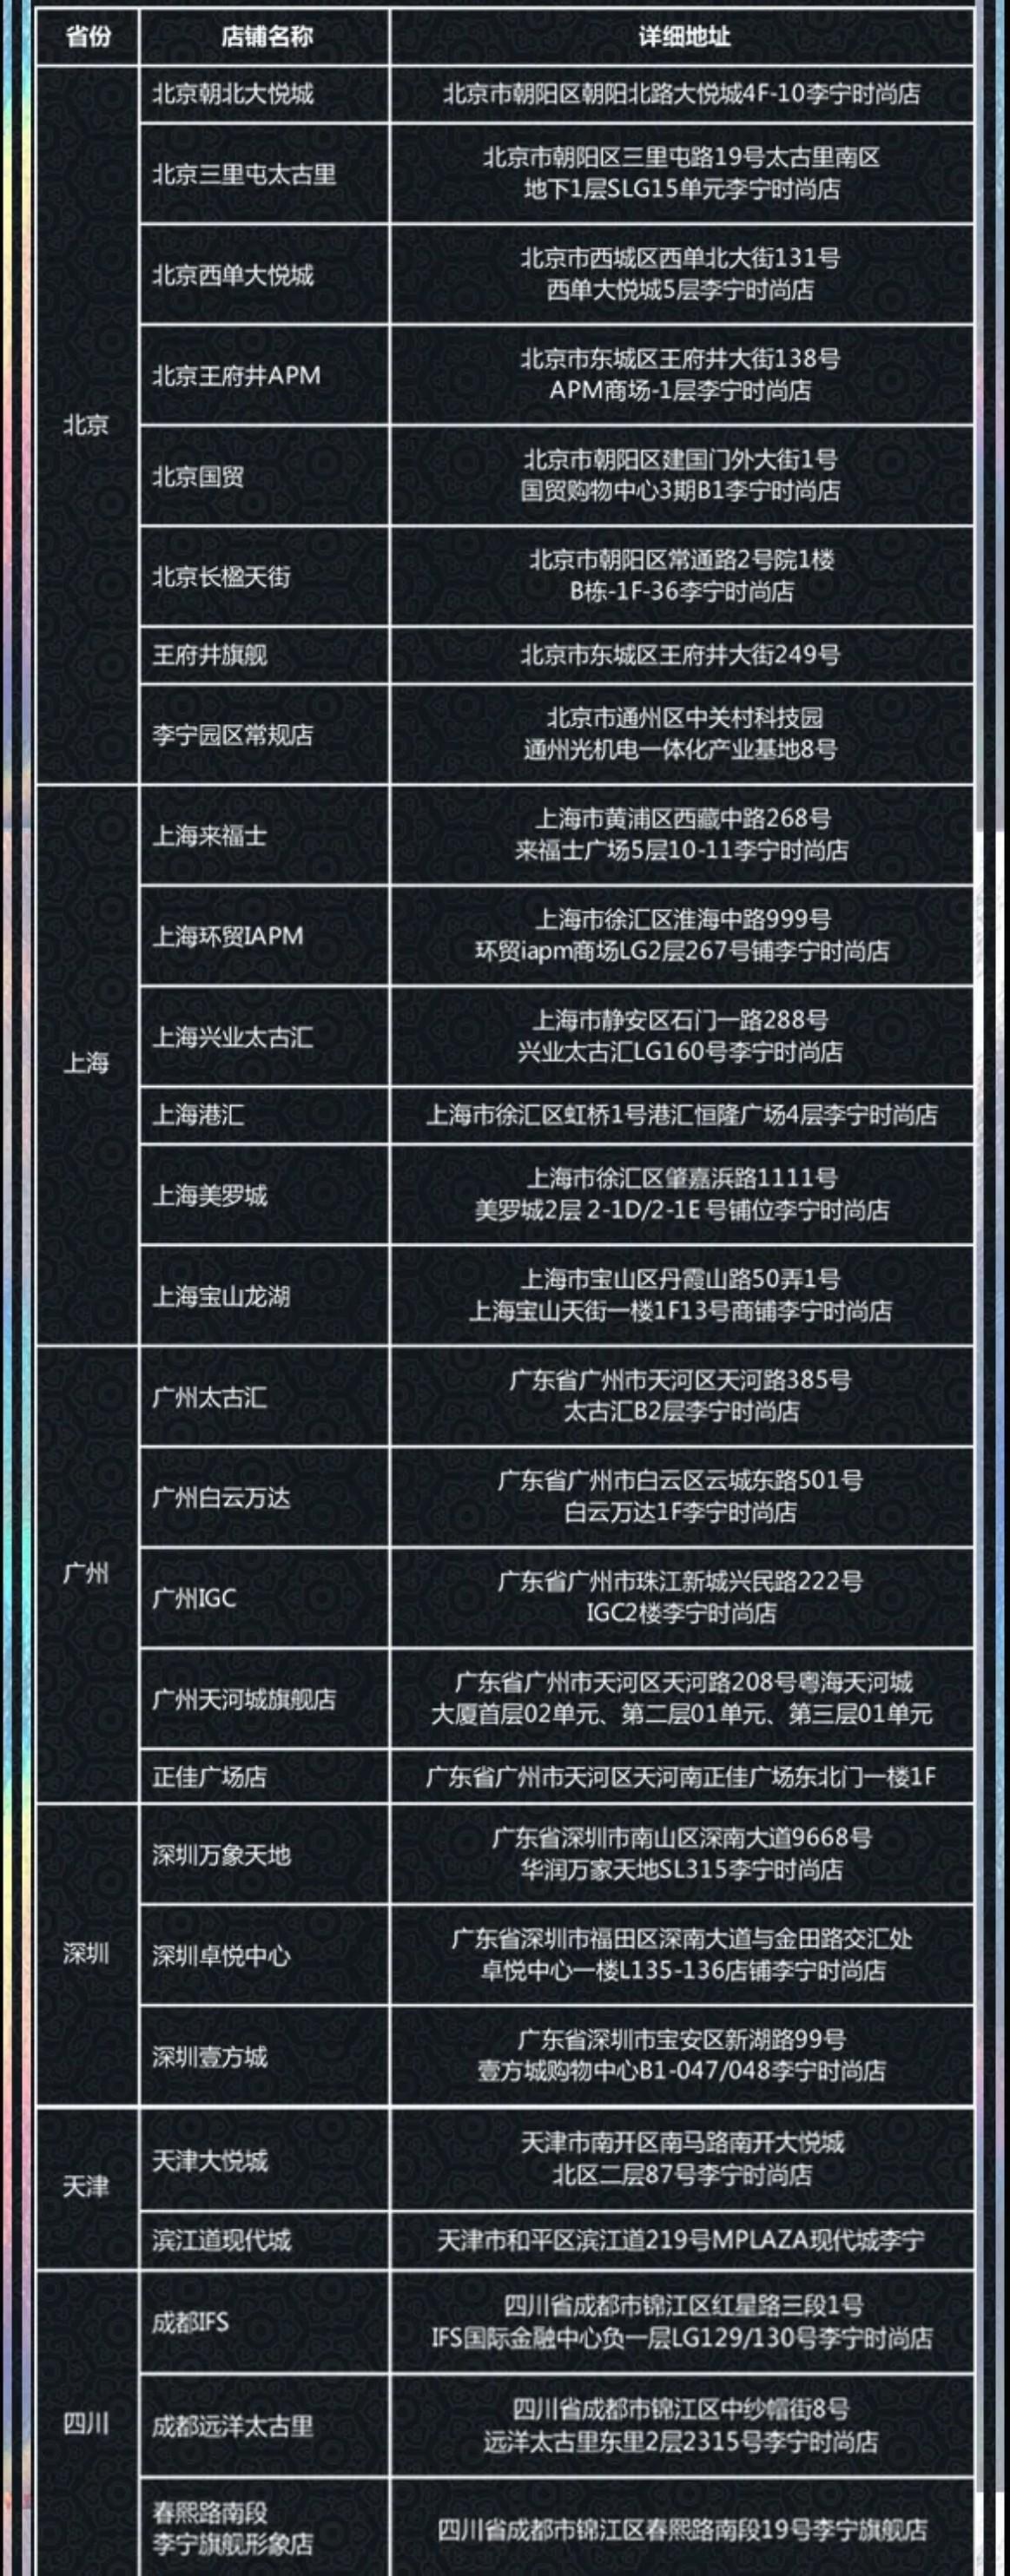 中国李宁,李宁,空山基  性感机械姬又来了!「中国李宁 x 空山基」走秀款,突袭上架!